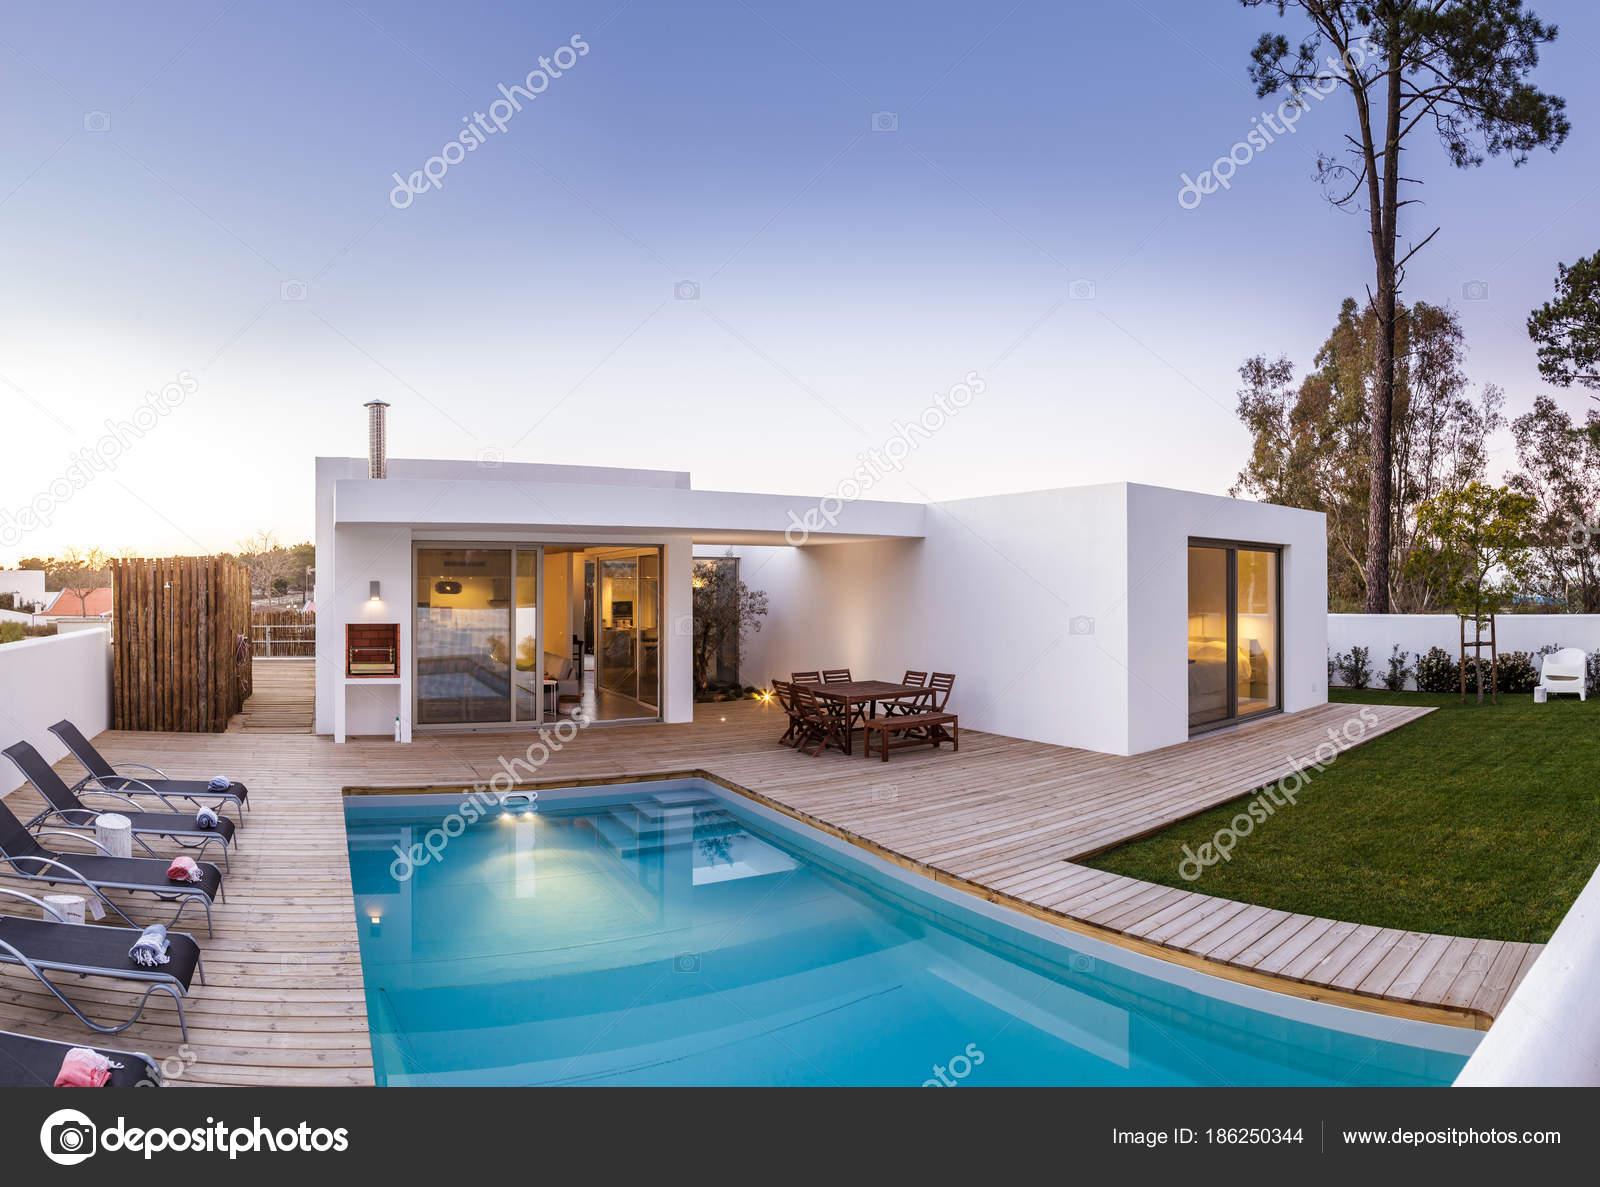 Casa moderna con giardino piscina e solarium in legno foto stock papandreos 186250344 - Casa con piscina ...